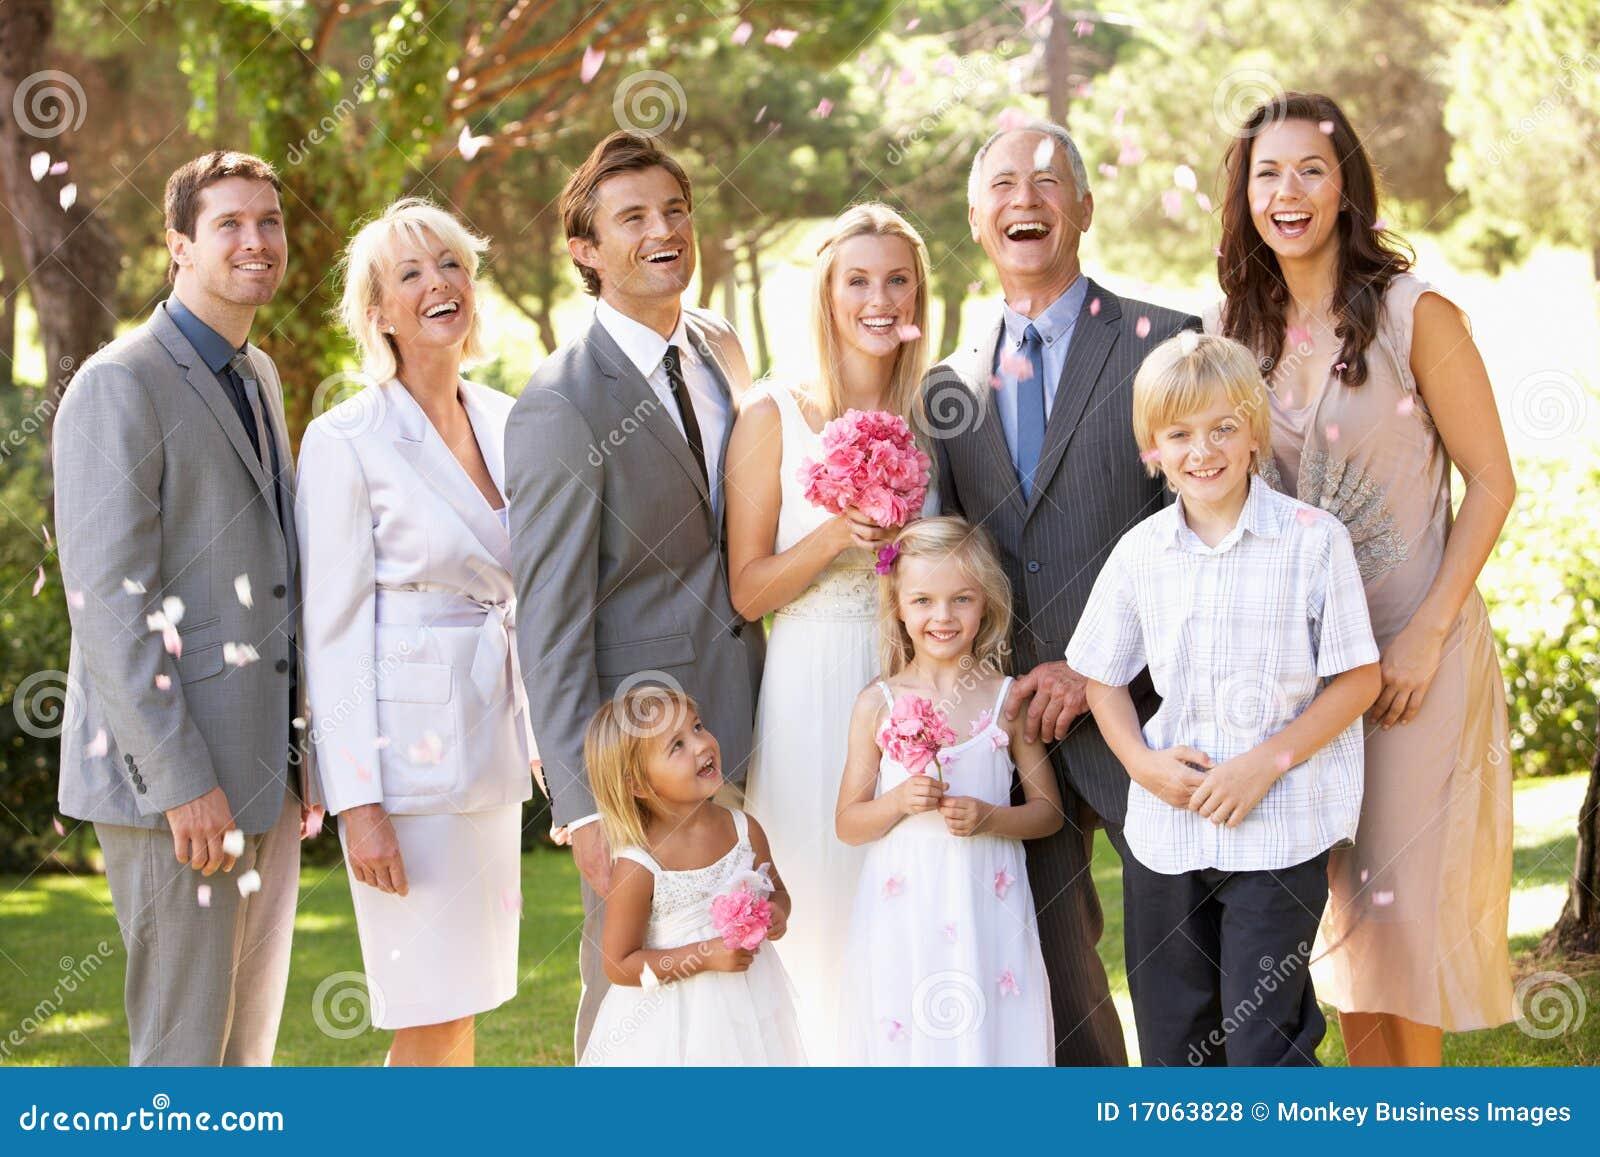 系列组婚礼